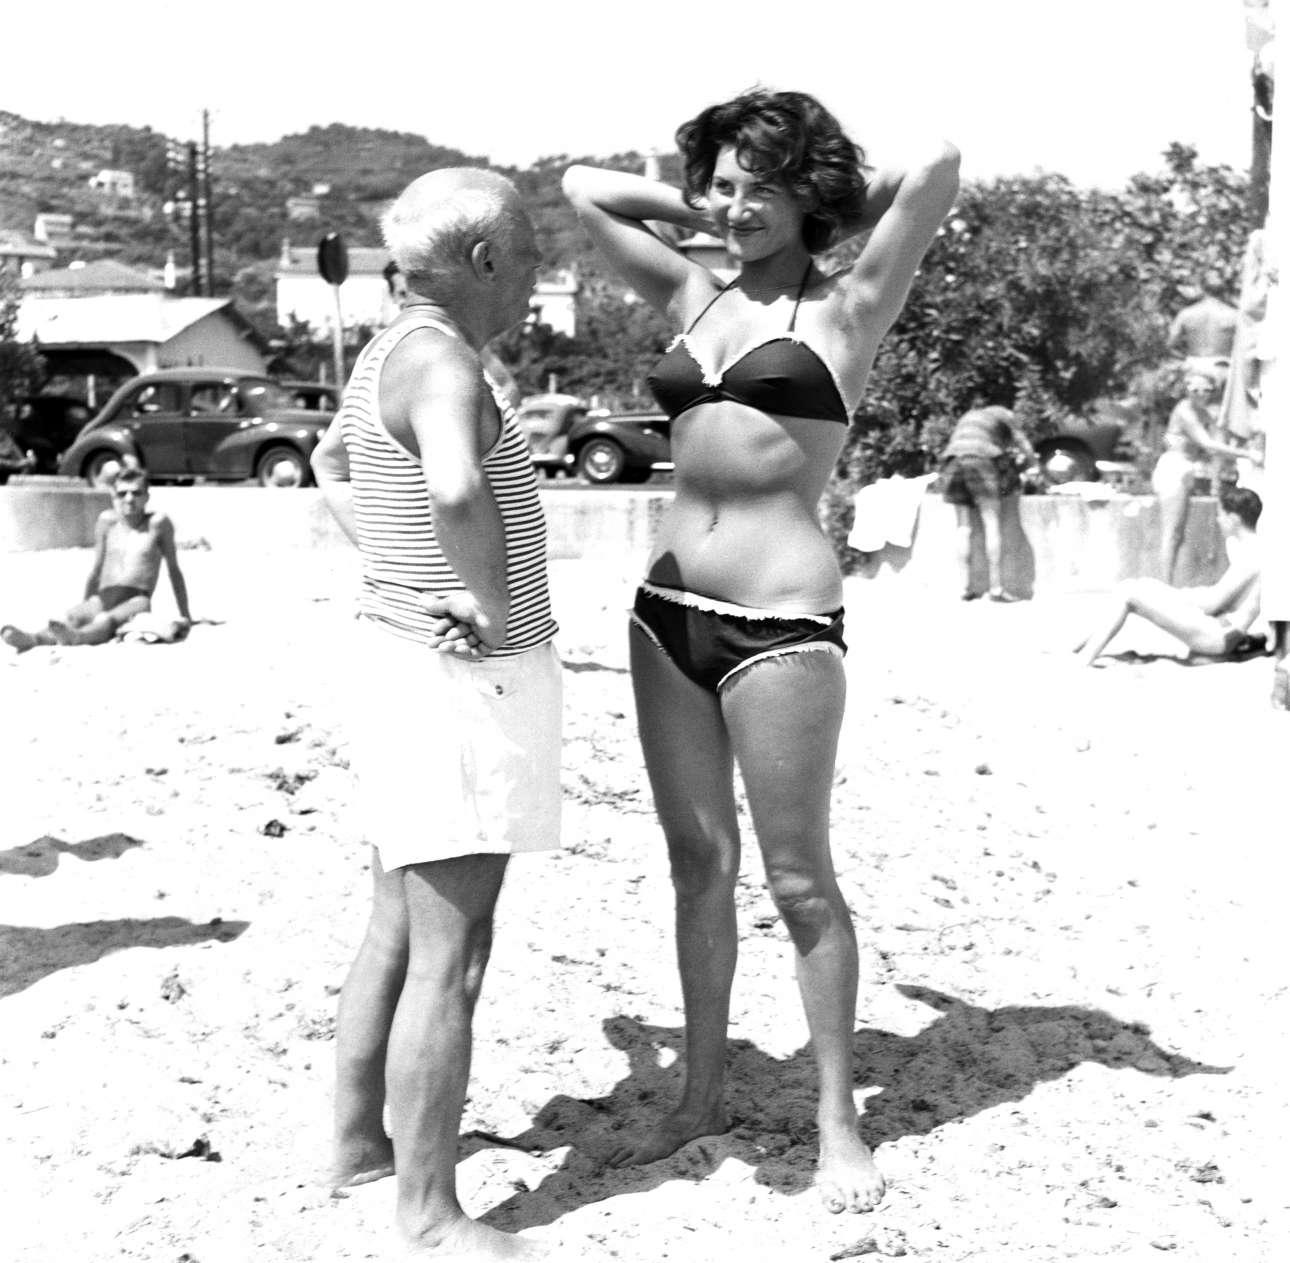 Αθεράπευτος γυναικάς, ο Πικάσο κάνει να γελάει μια νεαρή γυναίκα που φοράει από τα πρώτα μπικίνι της εποχής. Είμαστε αρχές της δεκαετίας του 1960 στο Βαλορί στη γαλλική Ριβιέρα